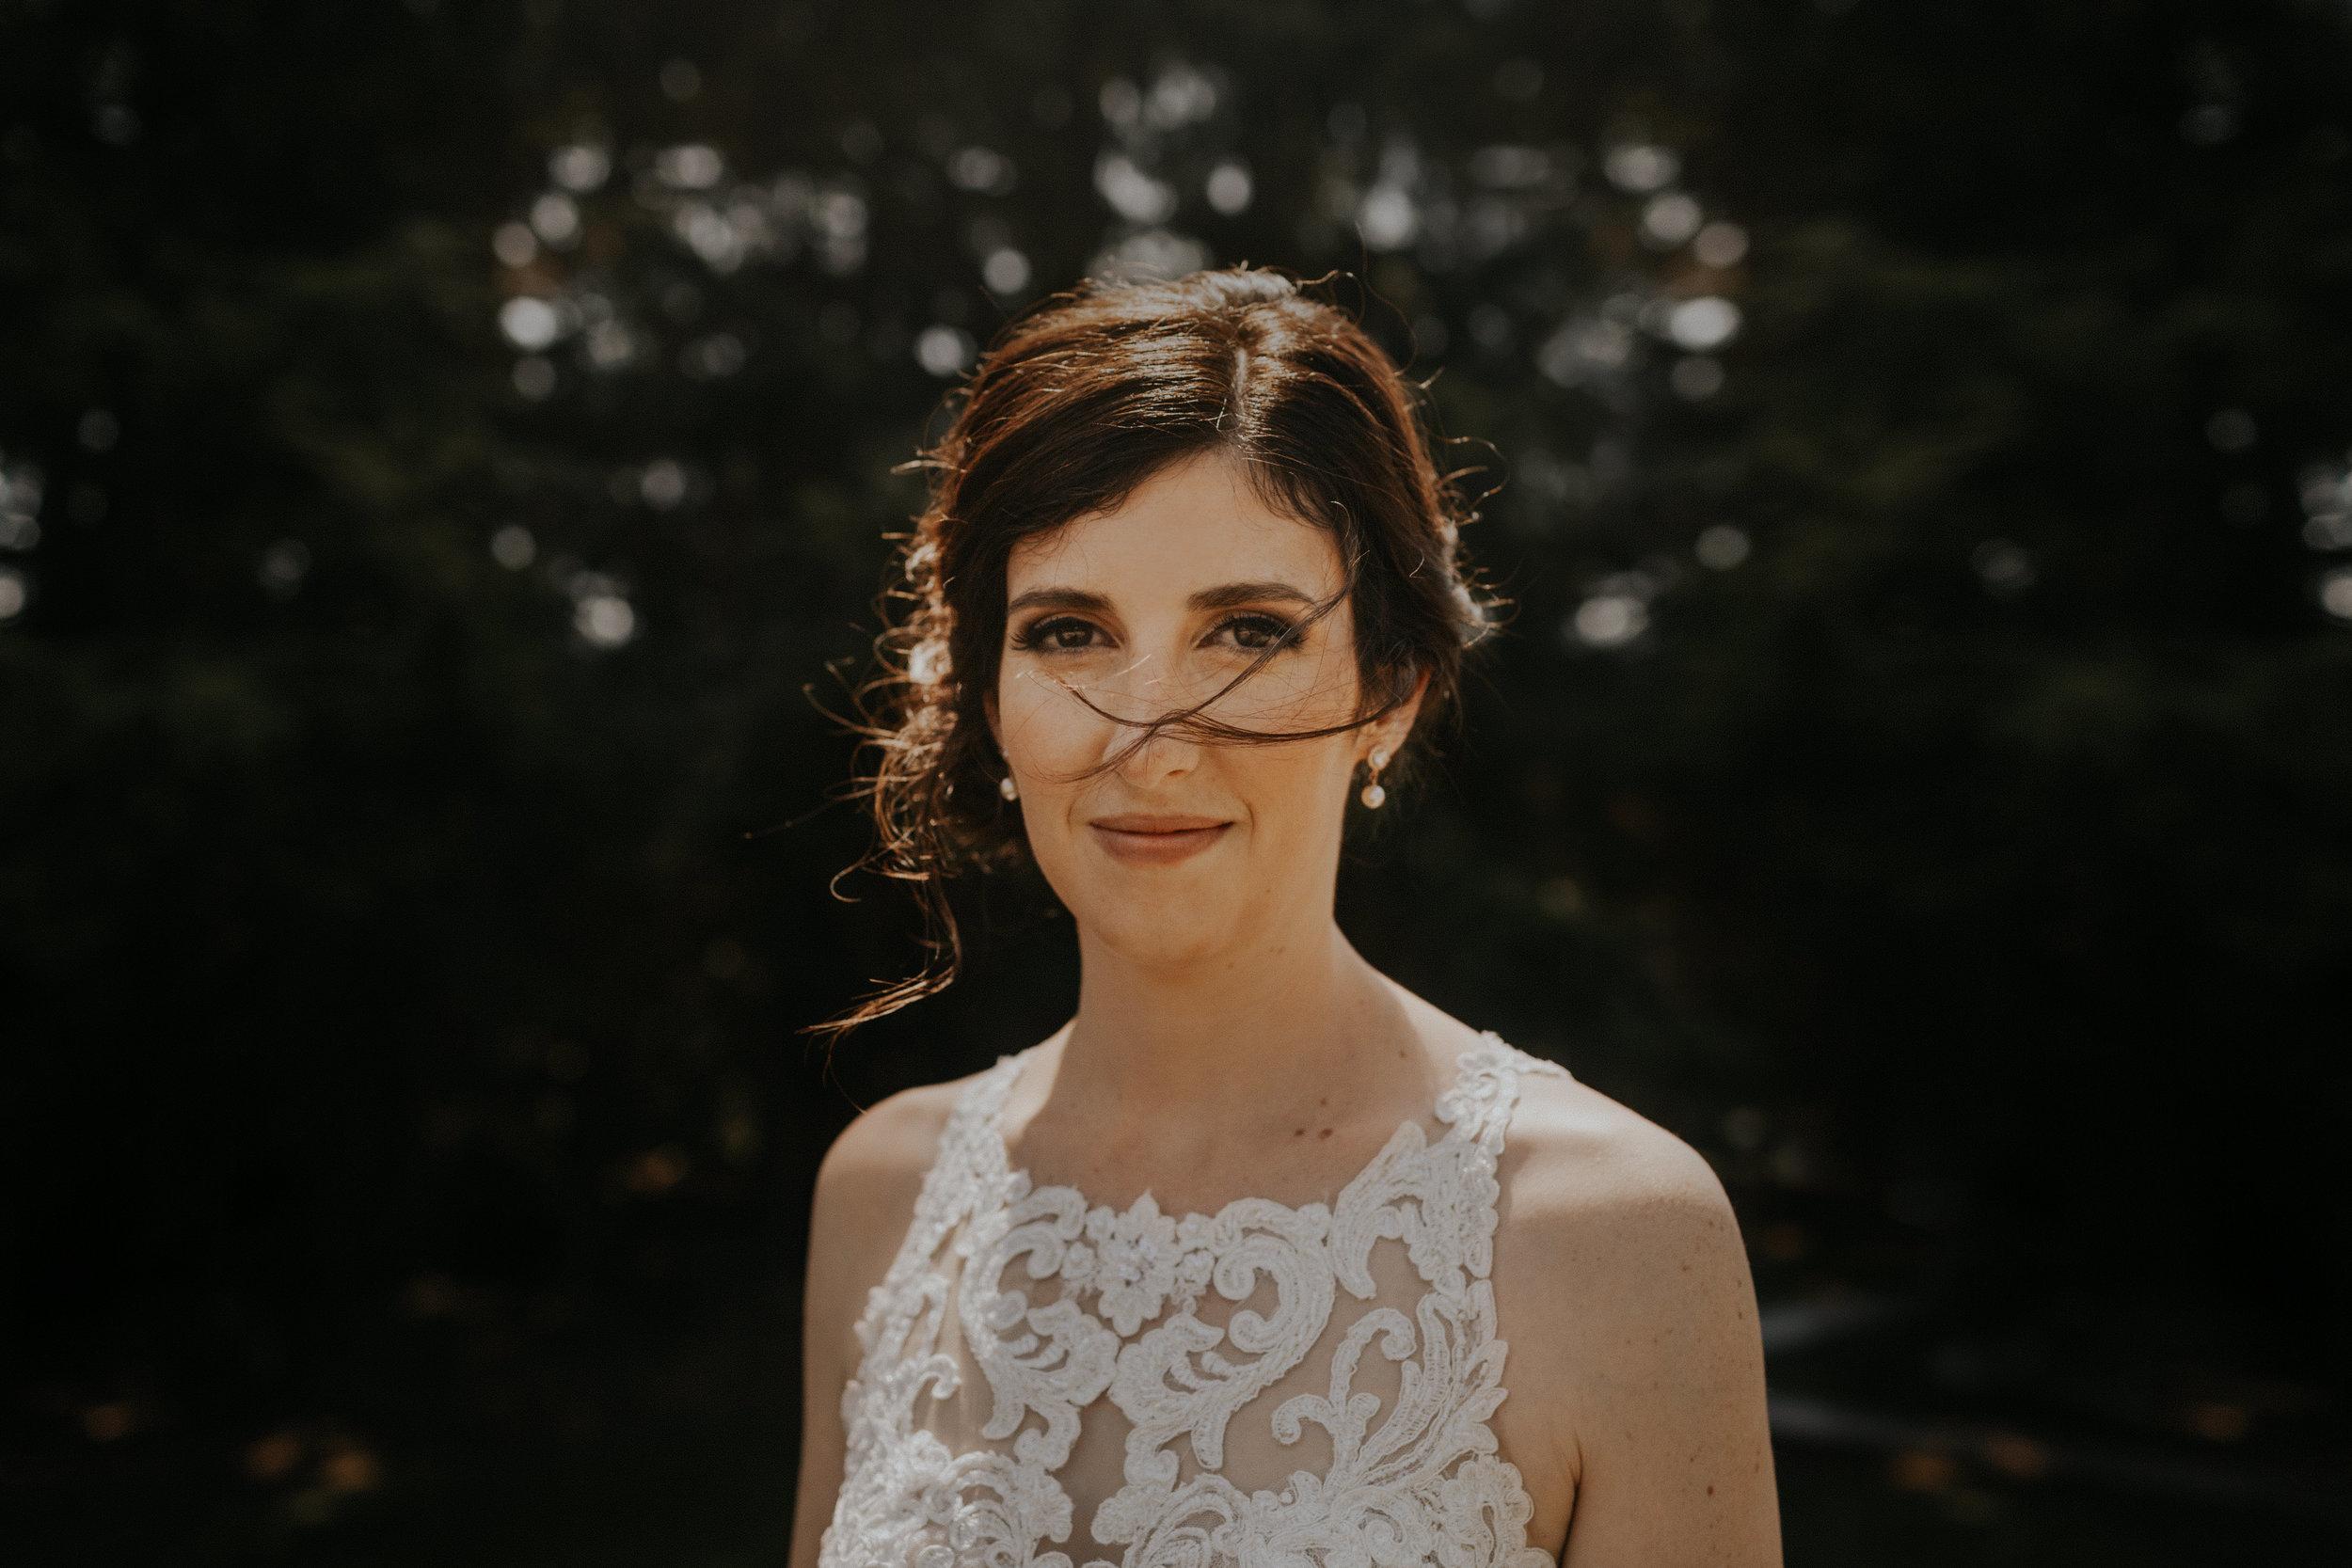 ginapaulson_katymatt_wedding-196.jpg